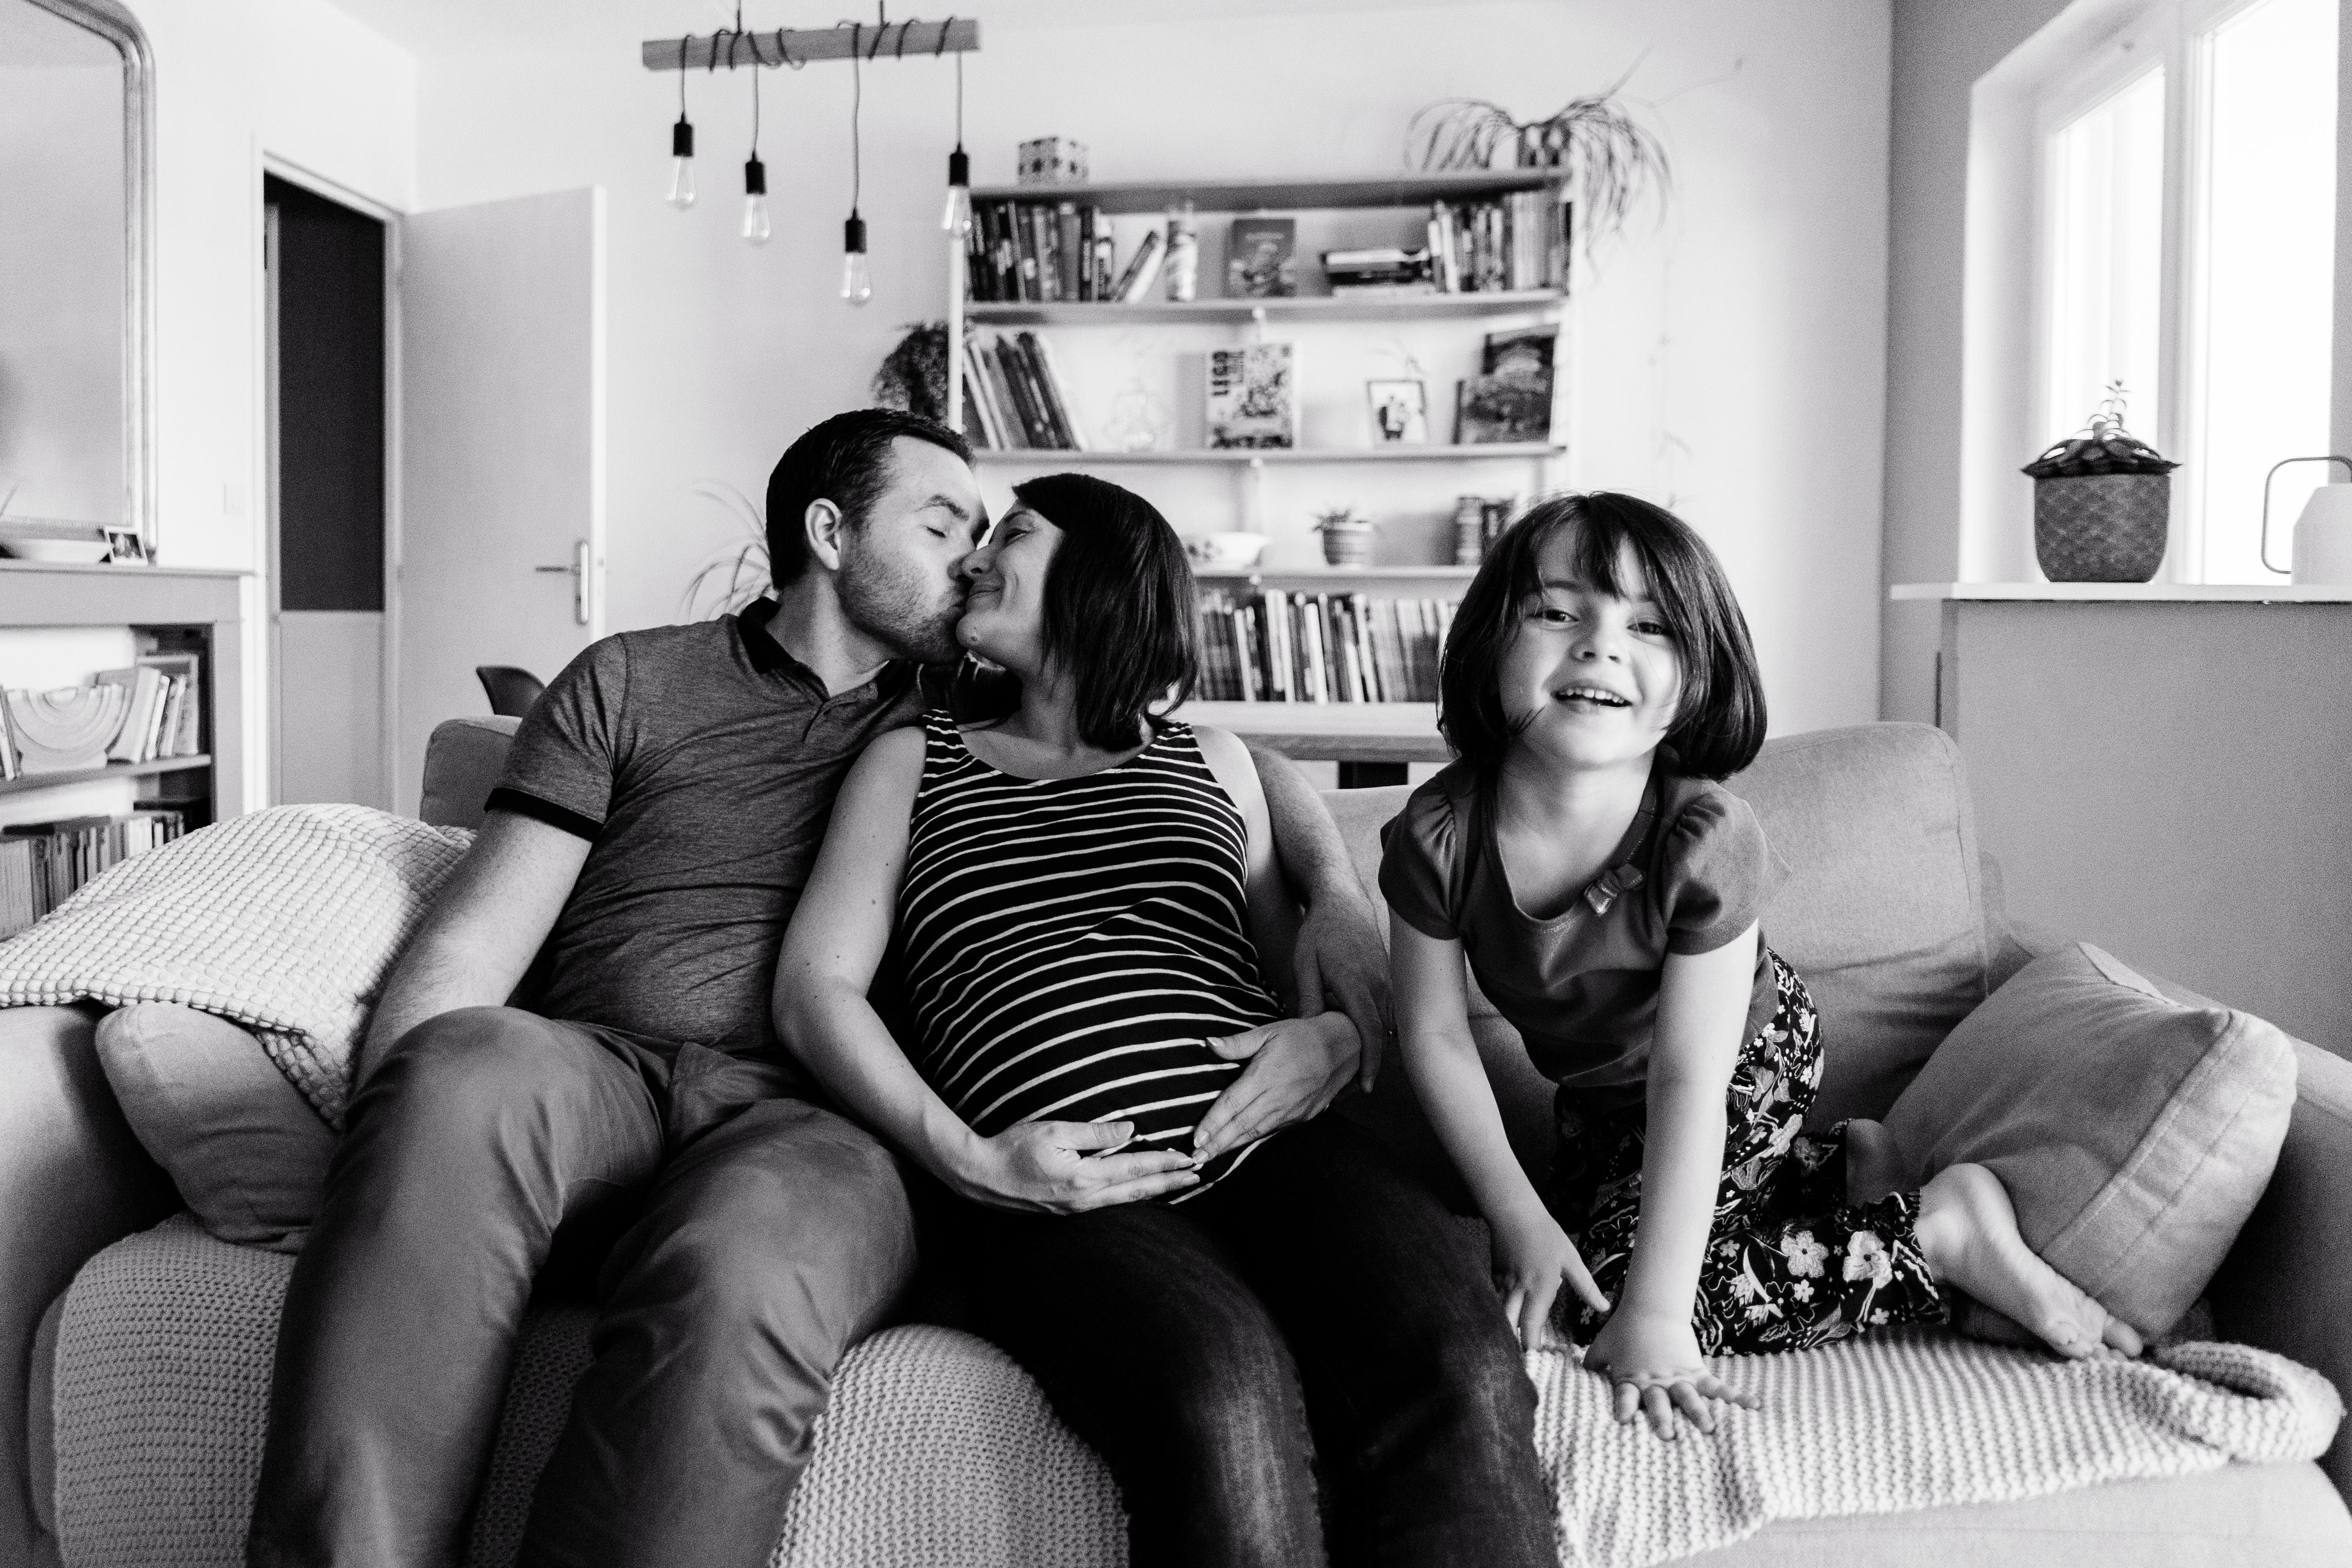 photographe-bordeaux-grossesse-nouveau-né-bébé-famille-emeline-mingot-35